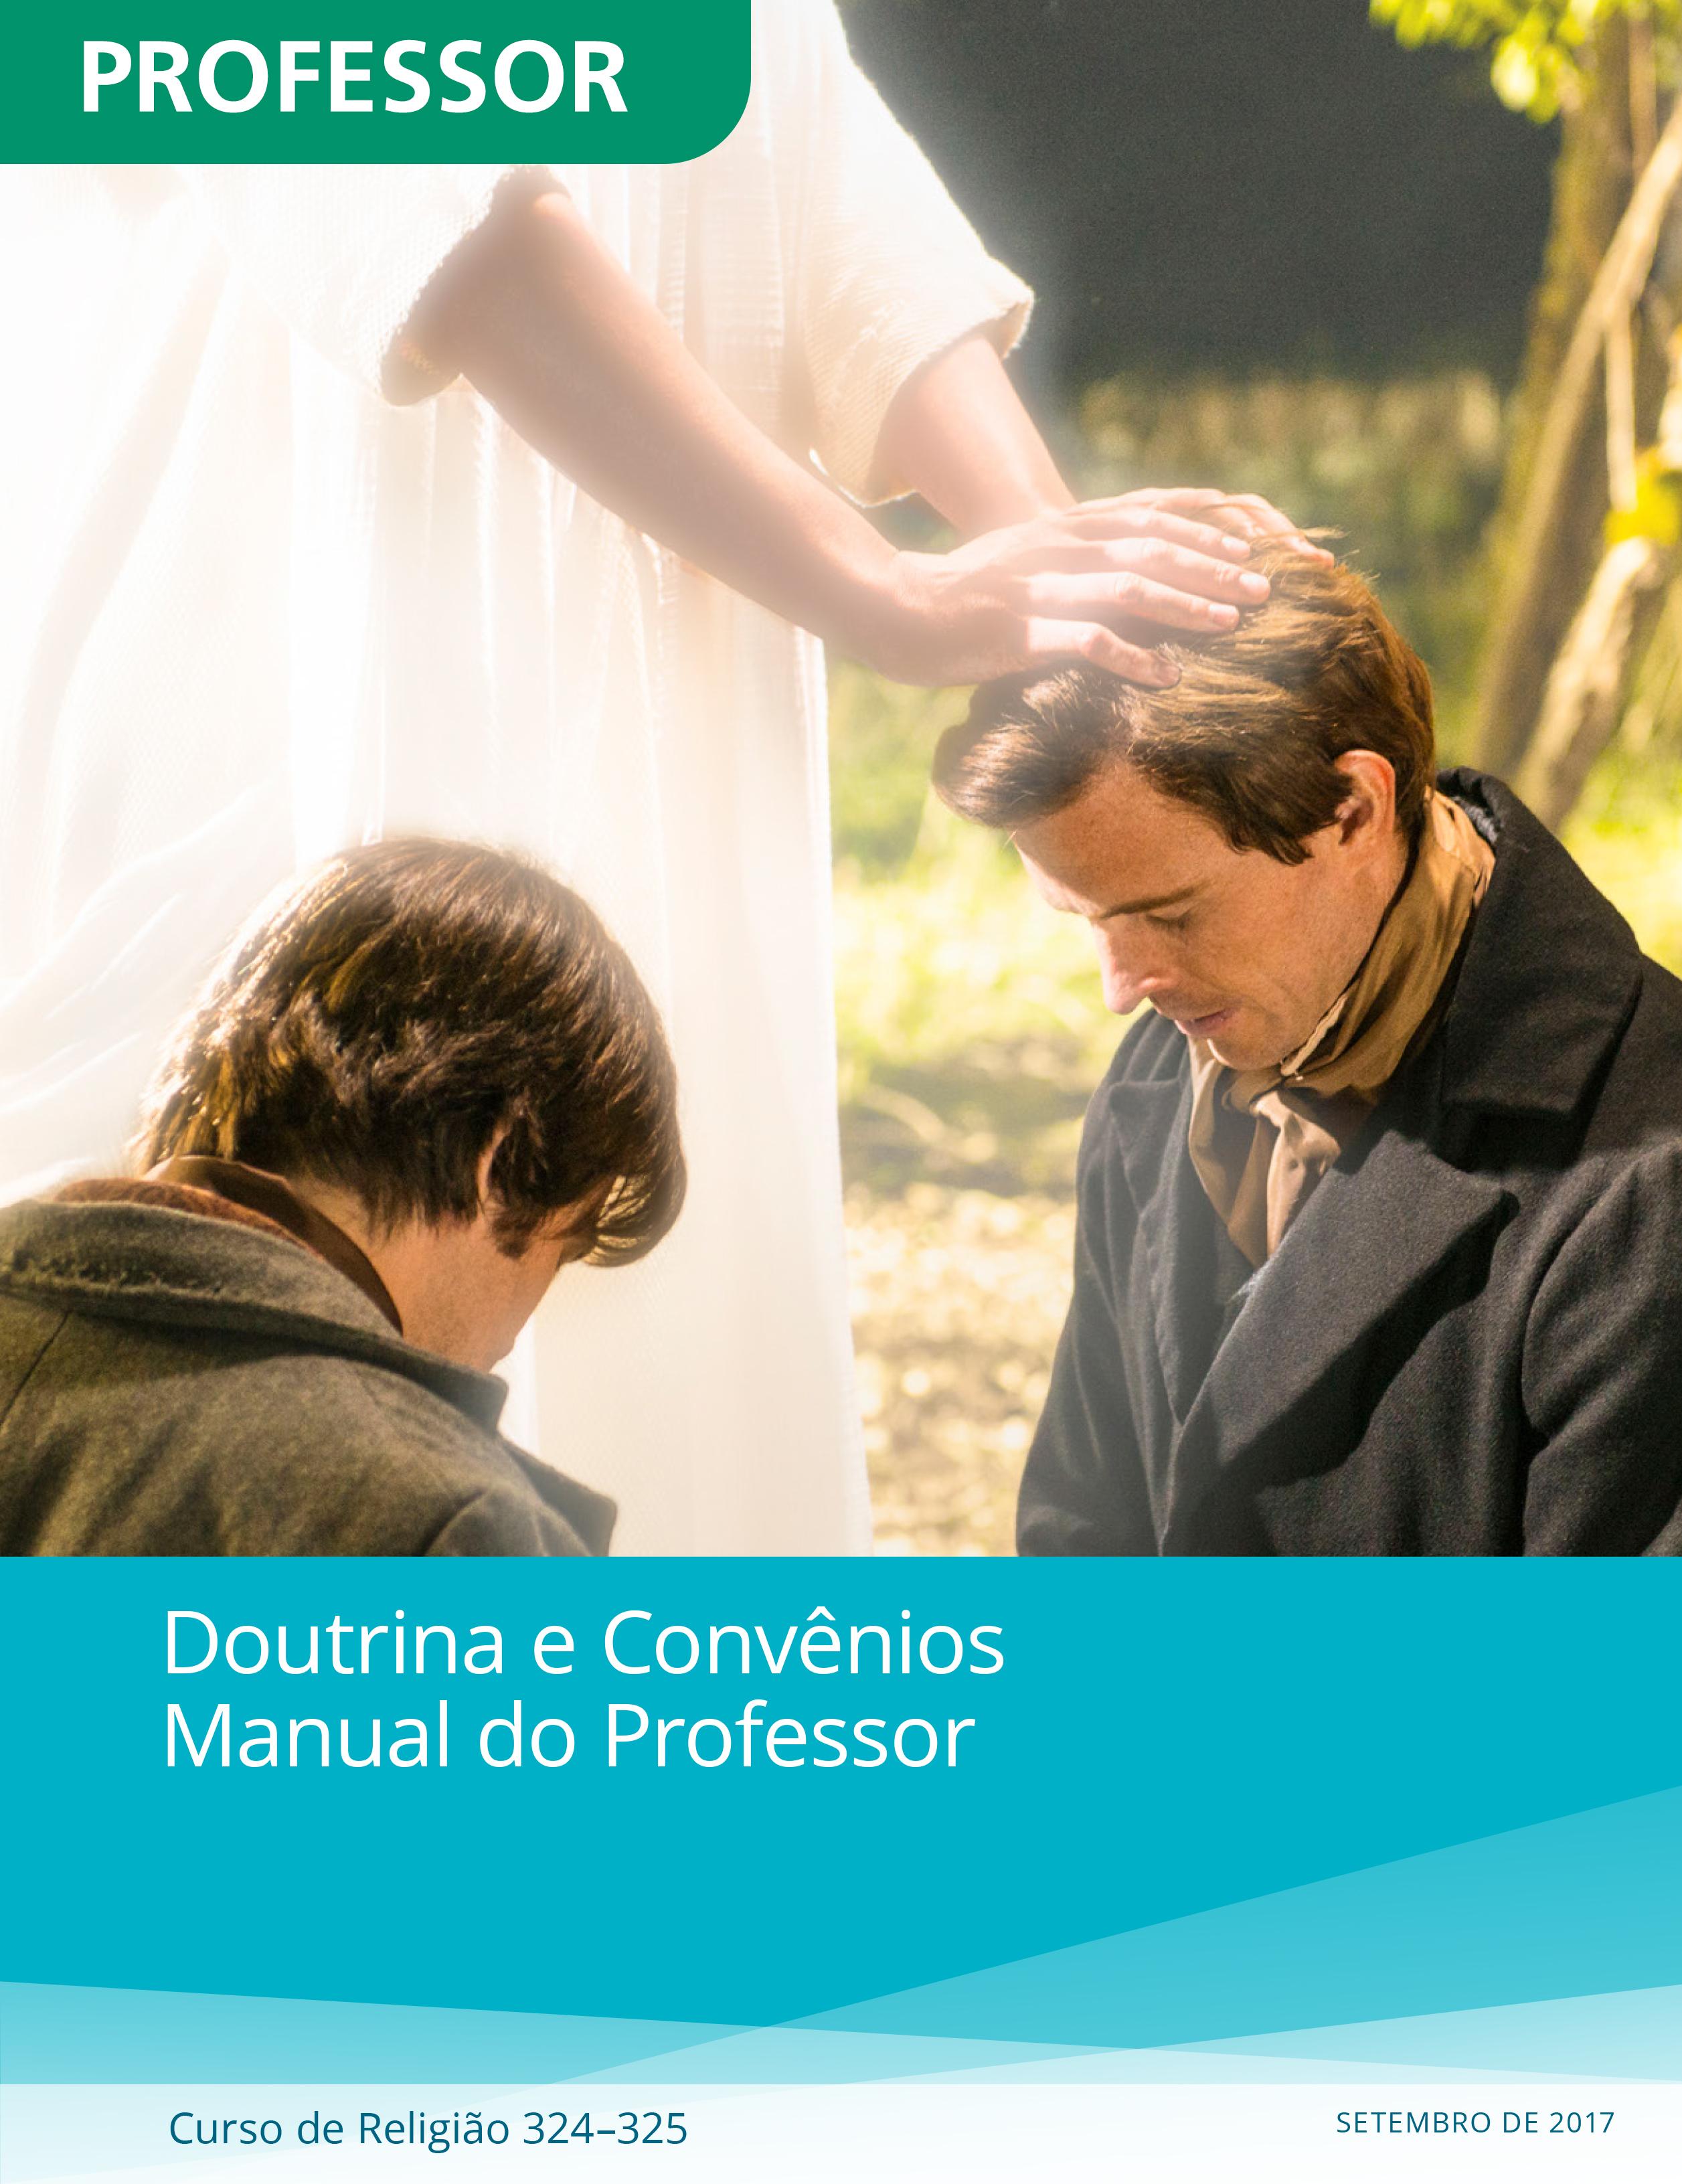 Doutrina e Convênios — Manual do Professor